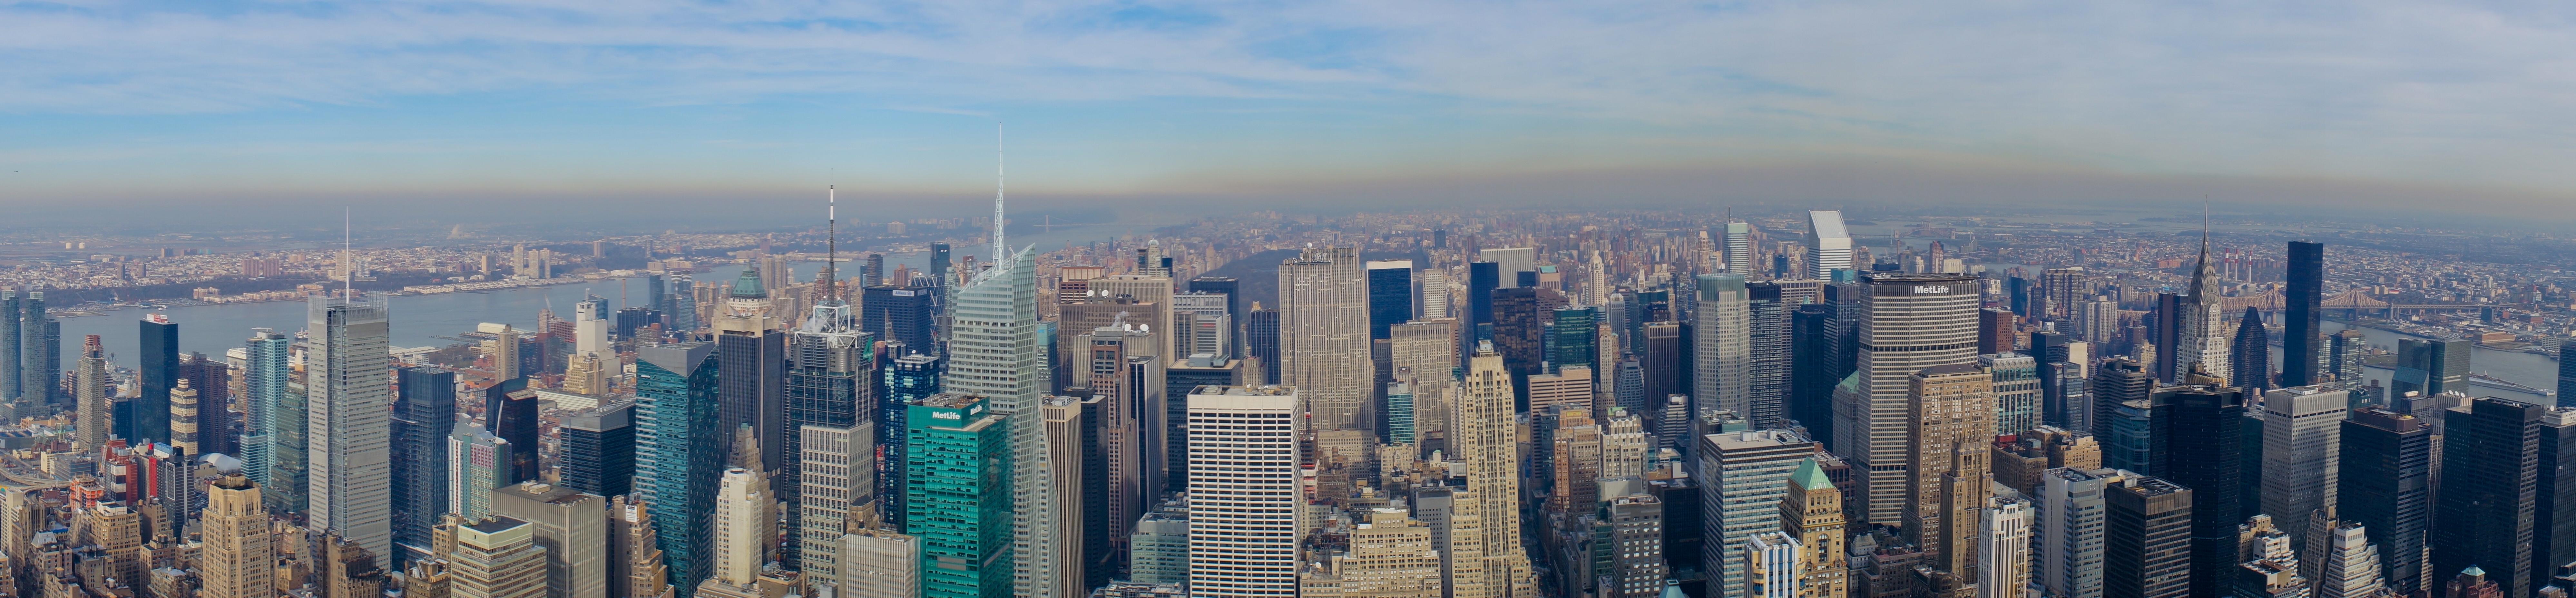 New York City Erwachsenen Video